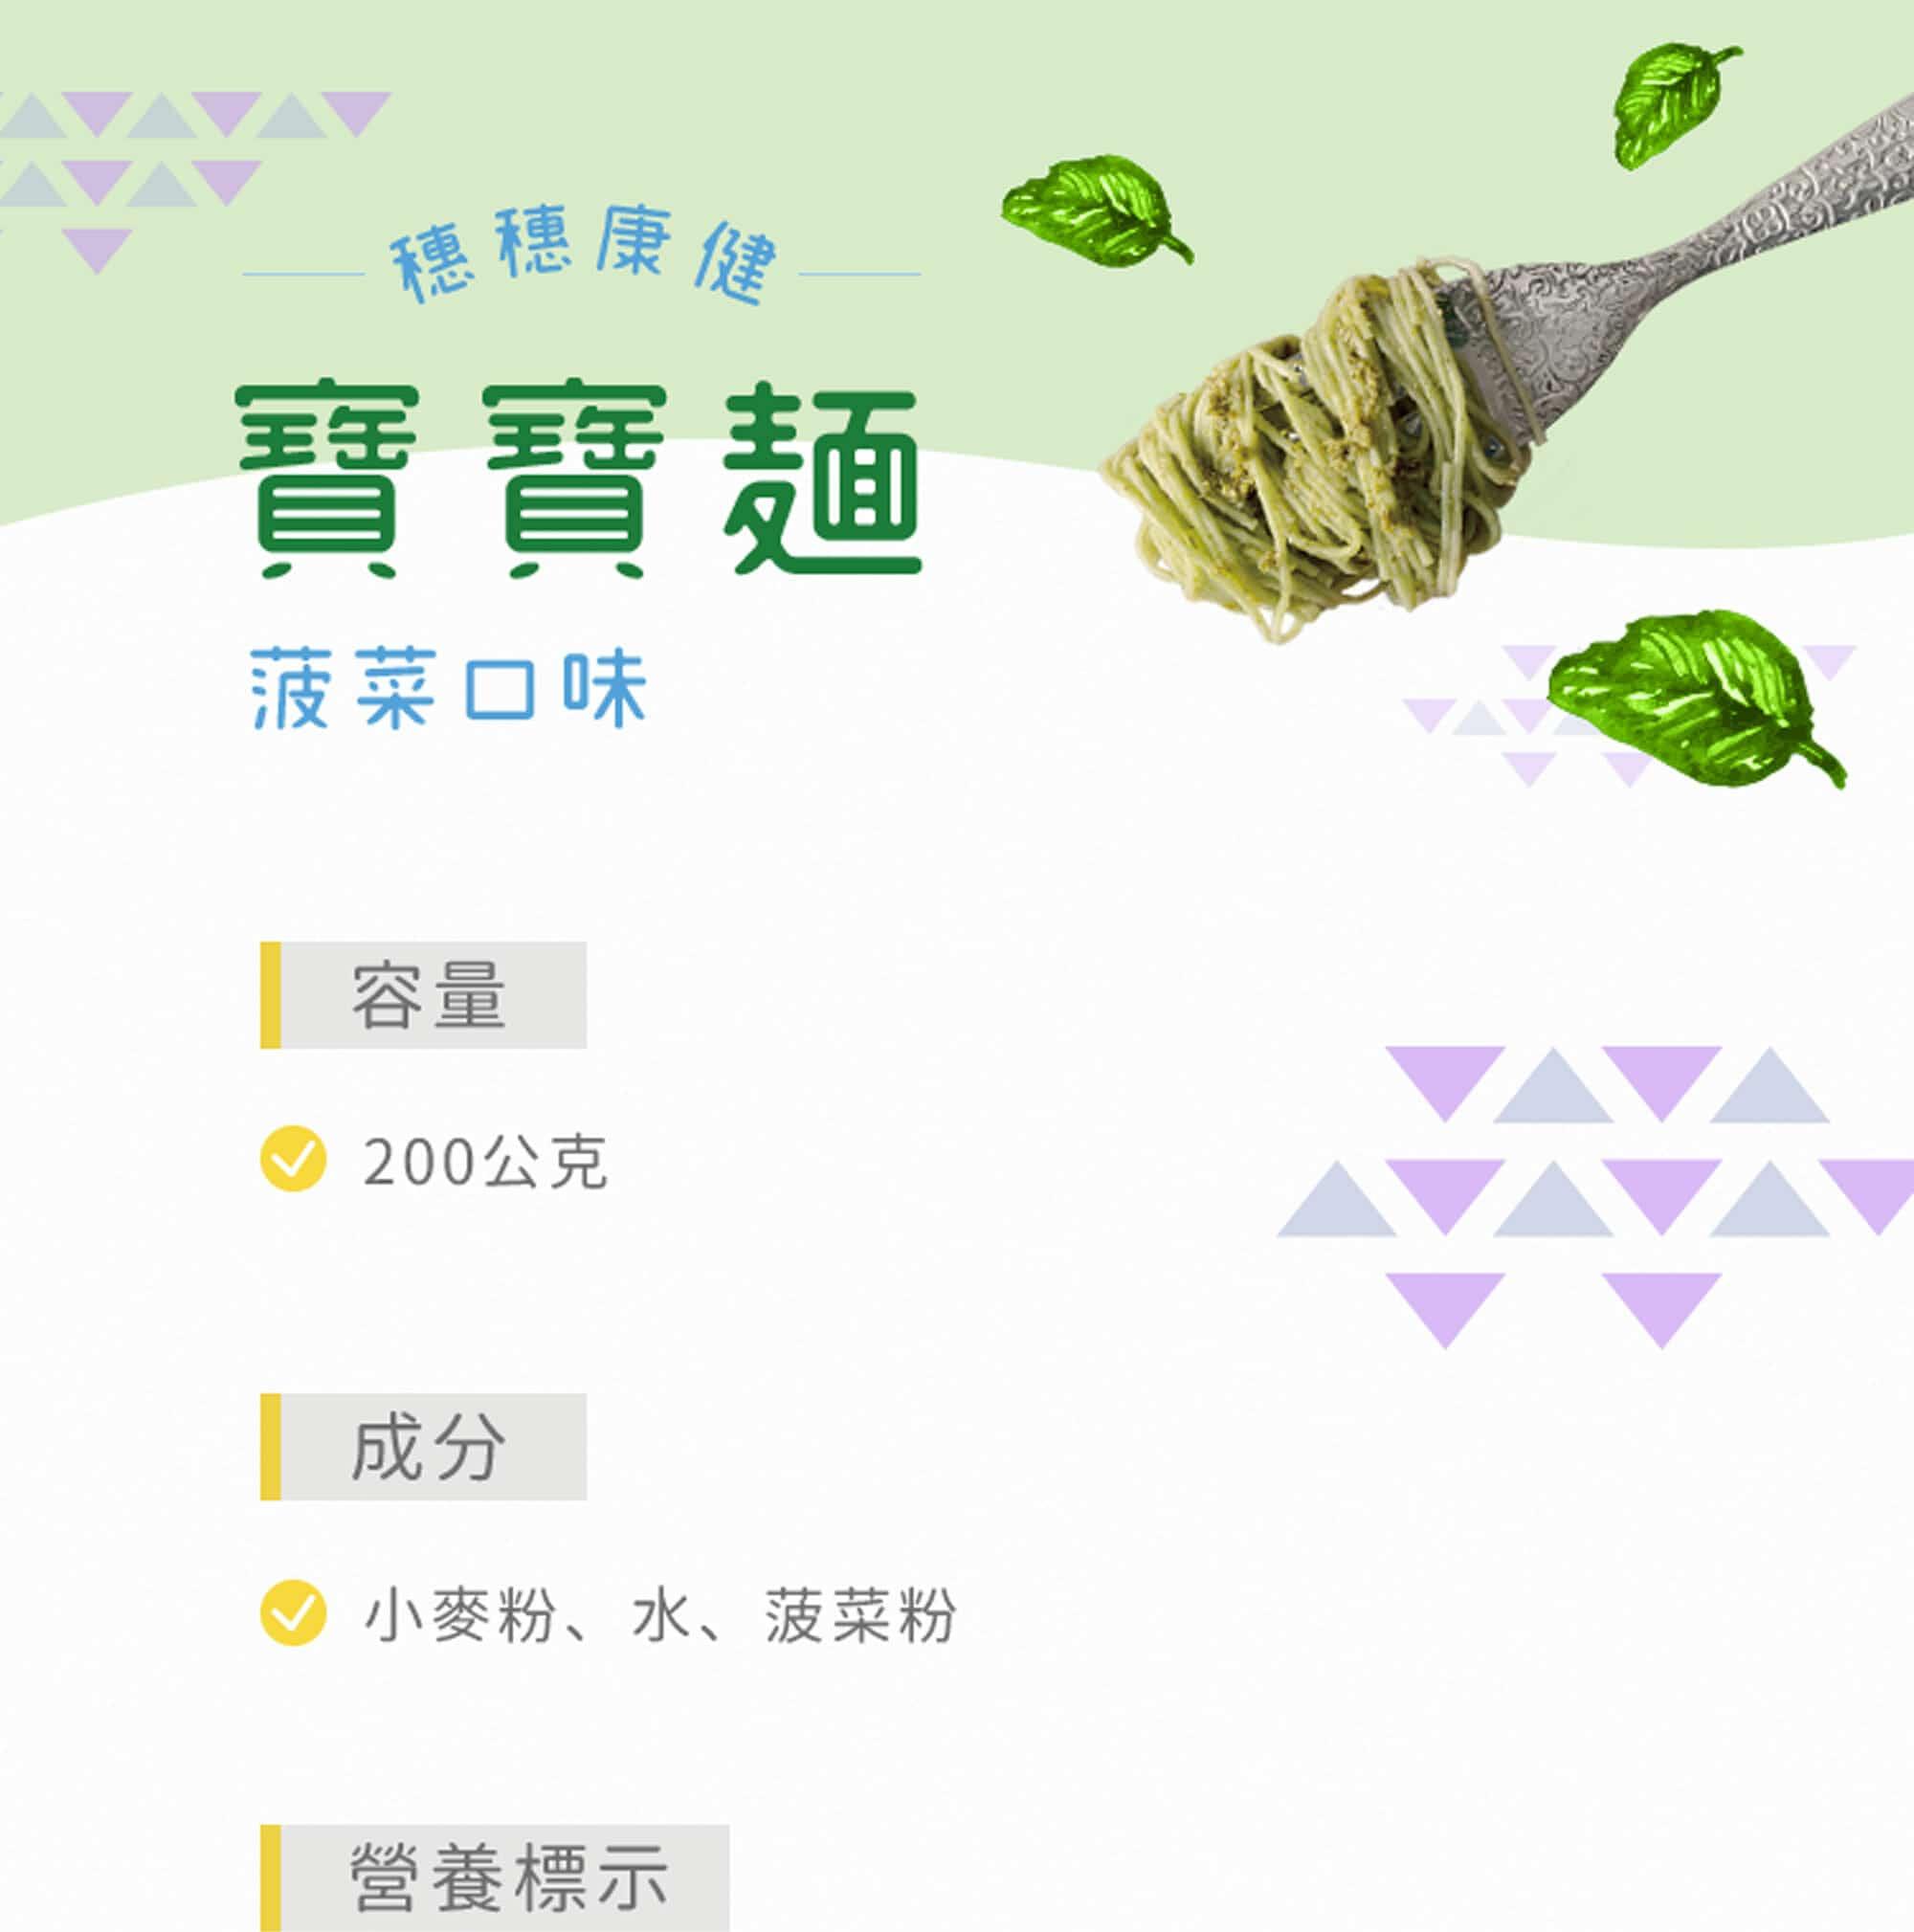 寶寶菠菜麵的容量約200公克,成分包含小麥粉、水、菠菜粉